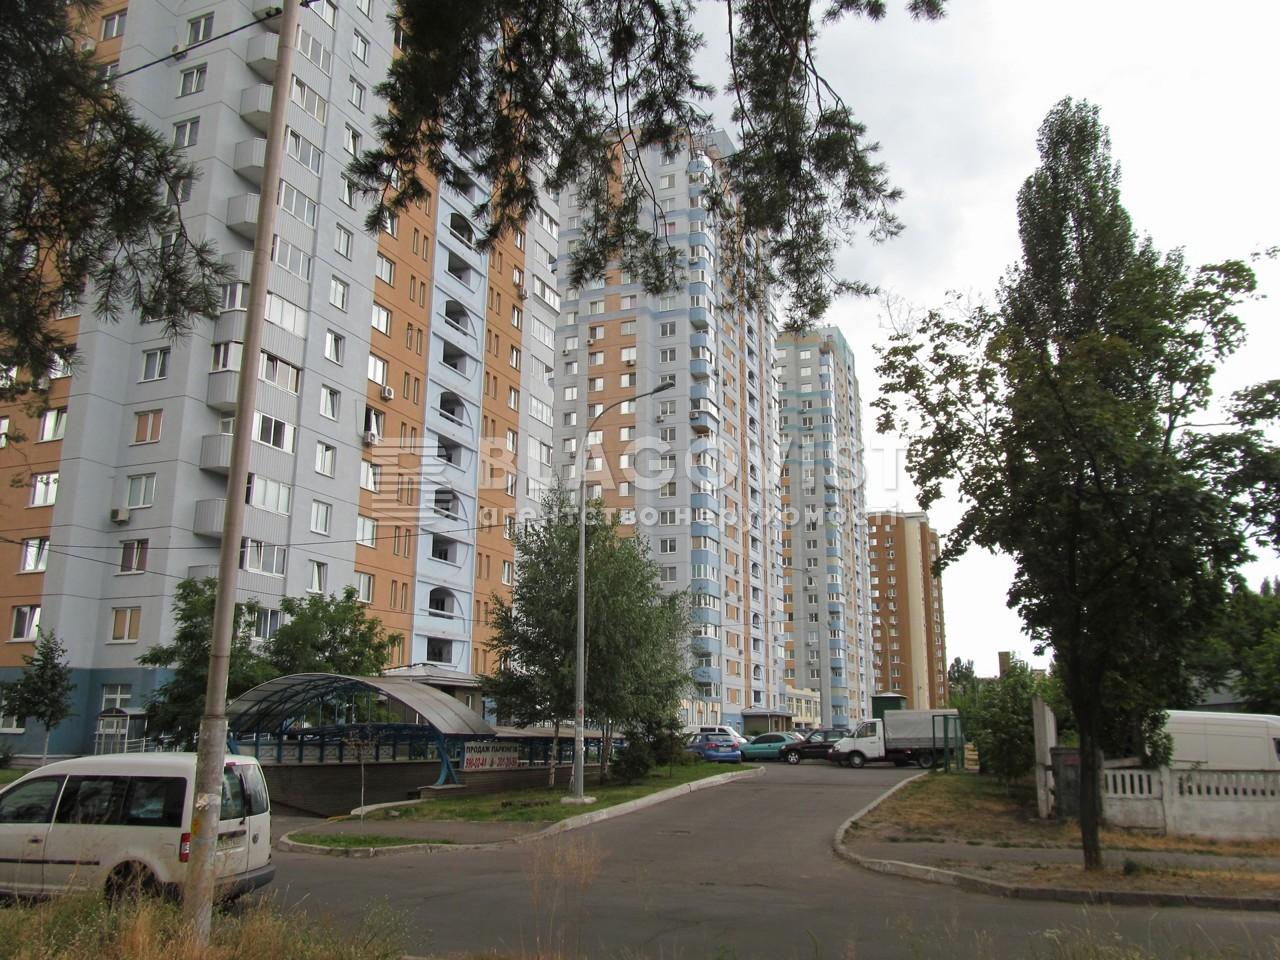 Квартира M-37175, Краковская, 13, Киев - Фото 1